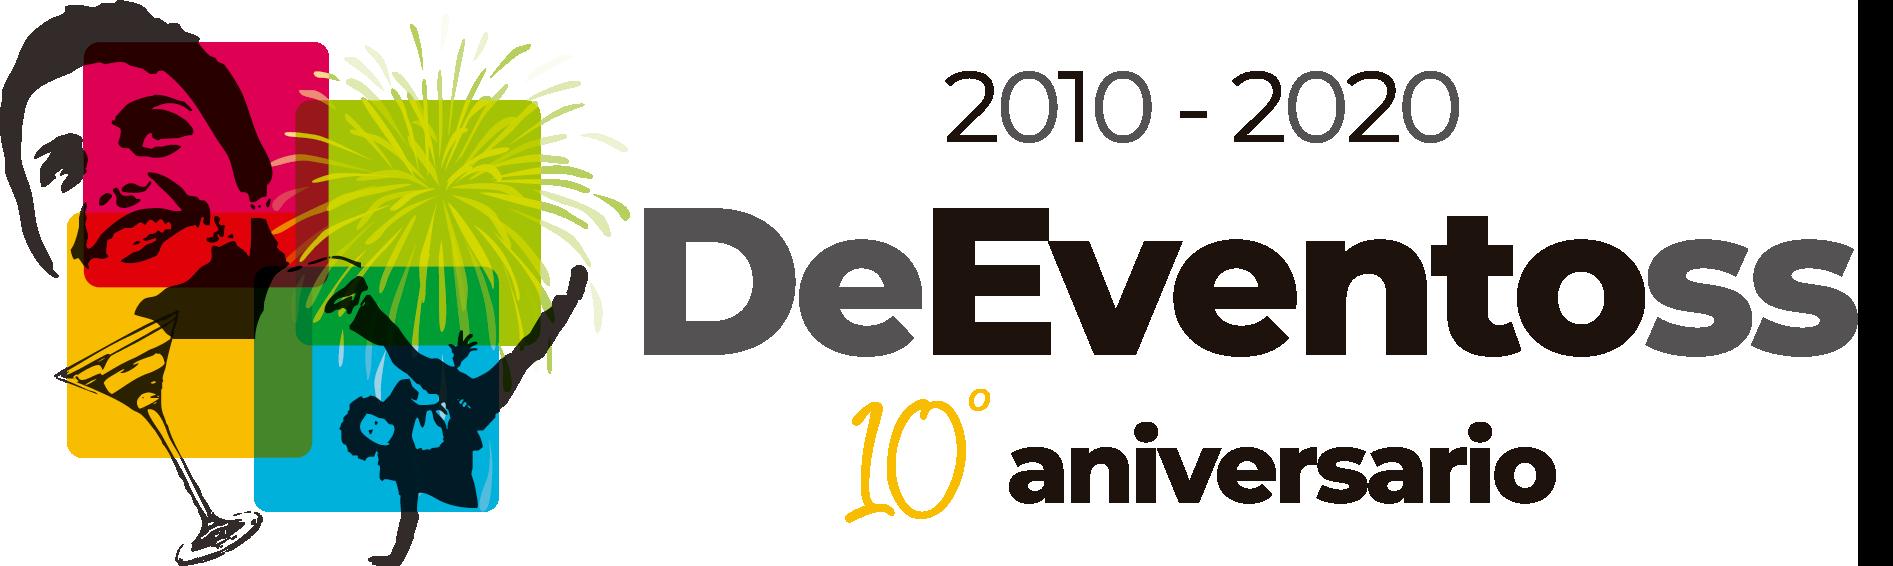 DeEventoss_10_aniversario_fondo_transparente-1